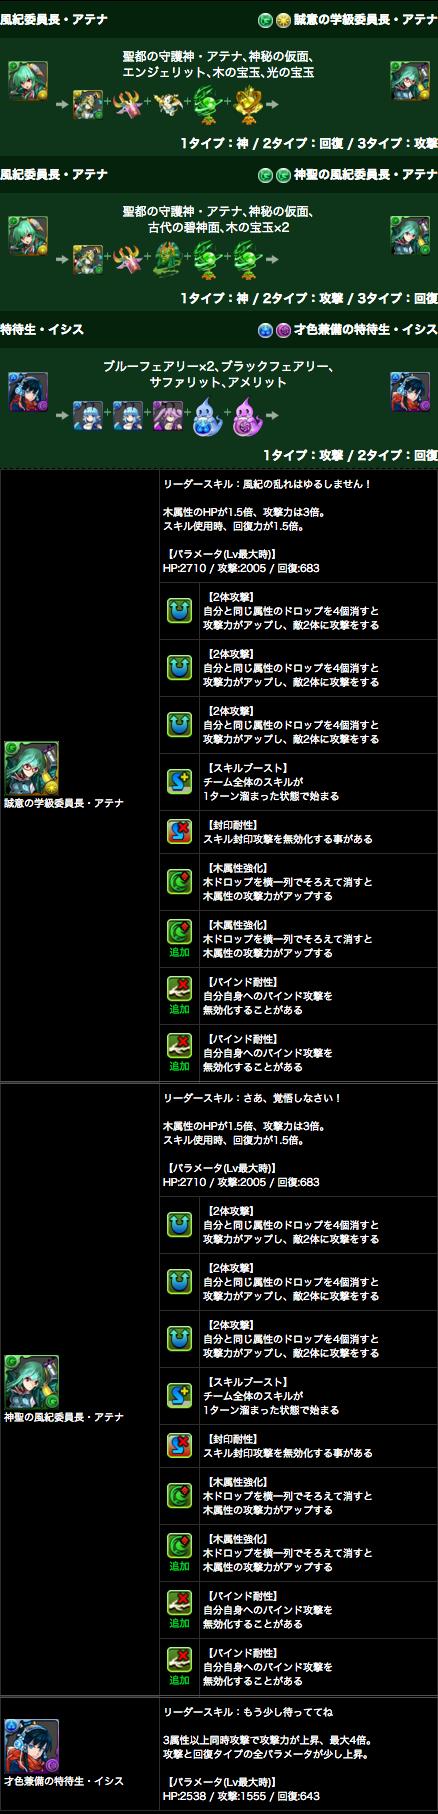 4e660a8e (3)